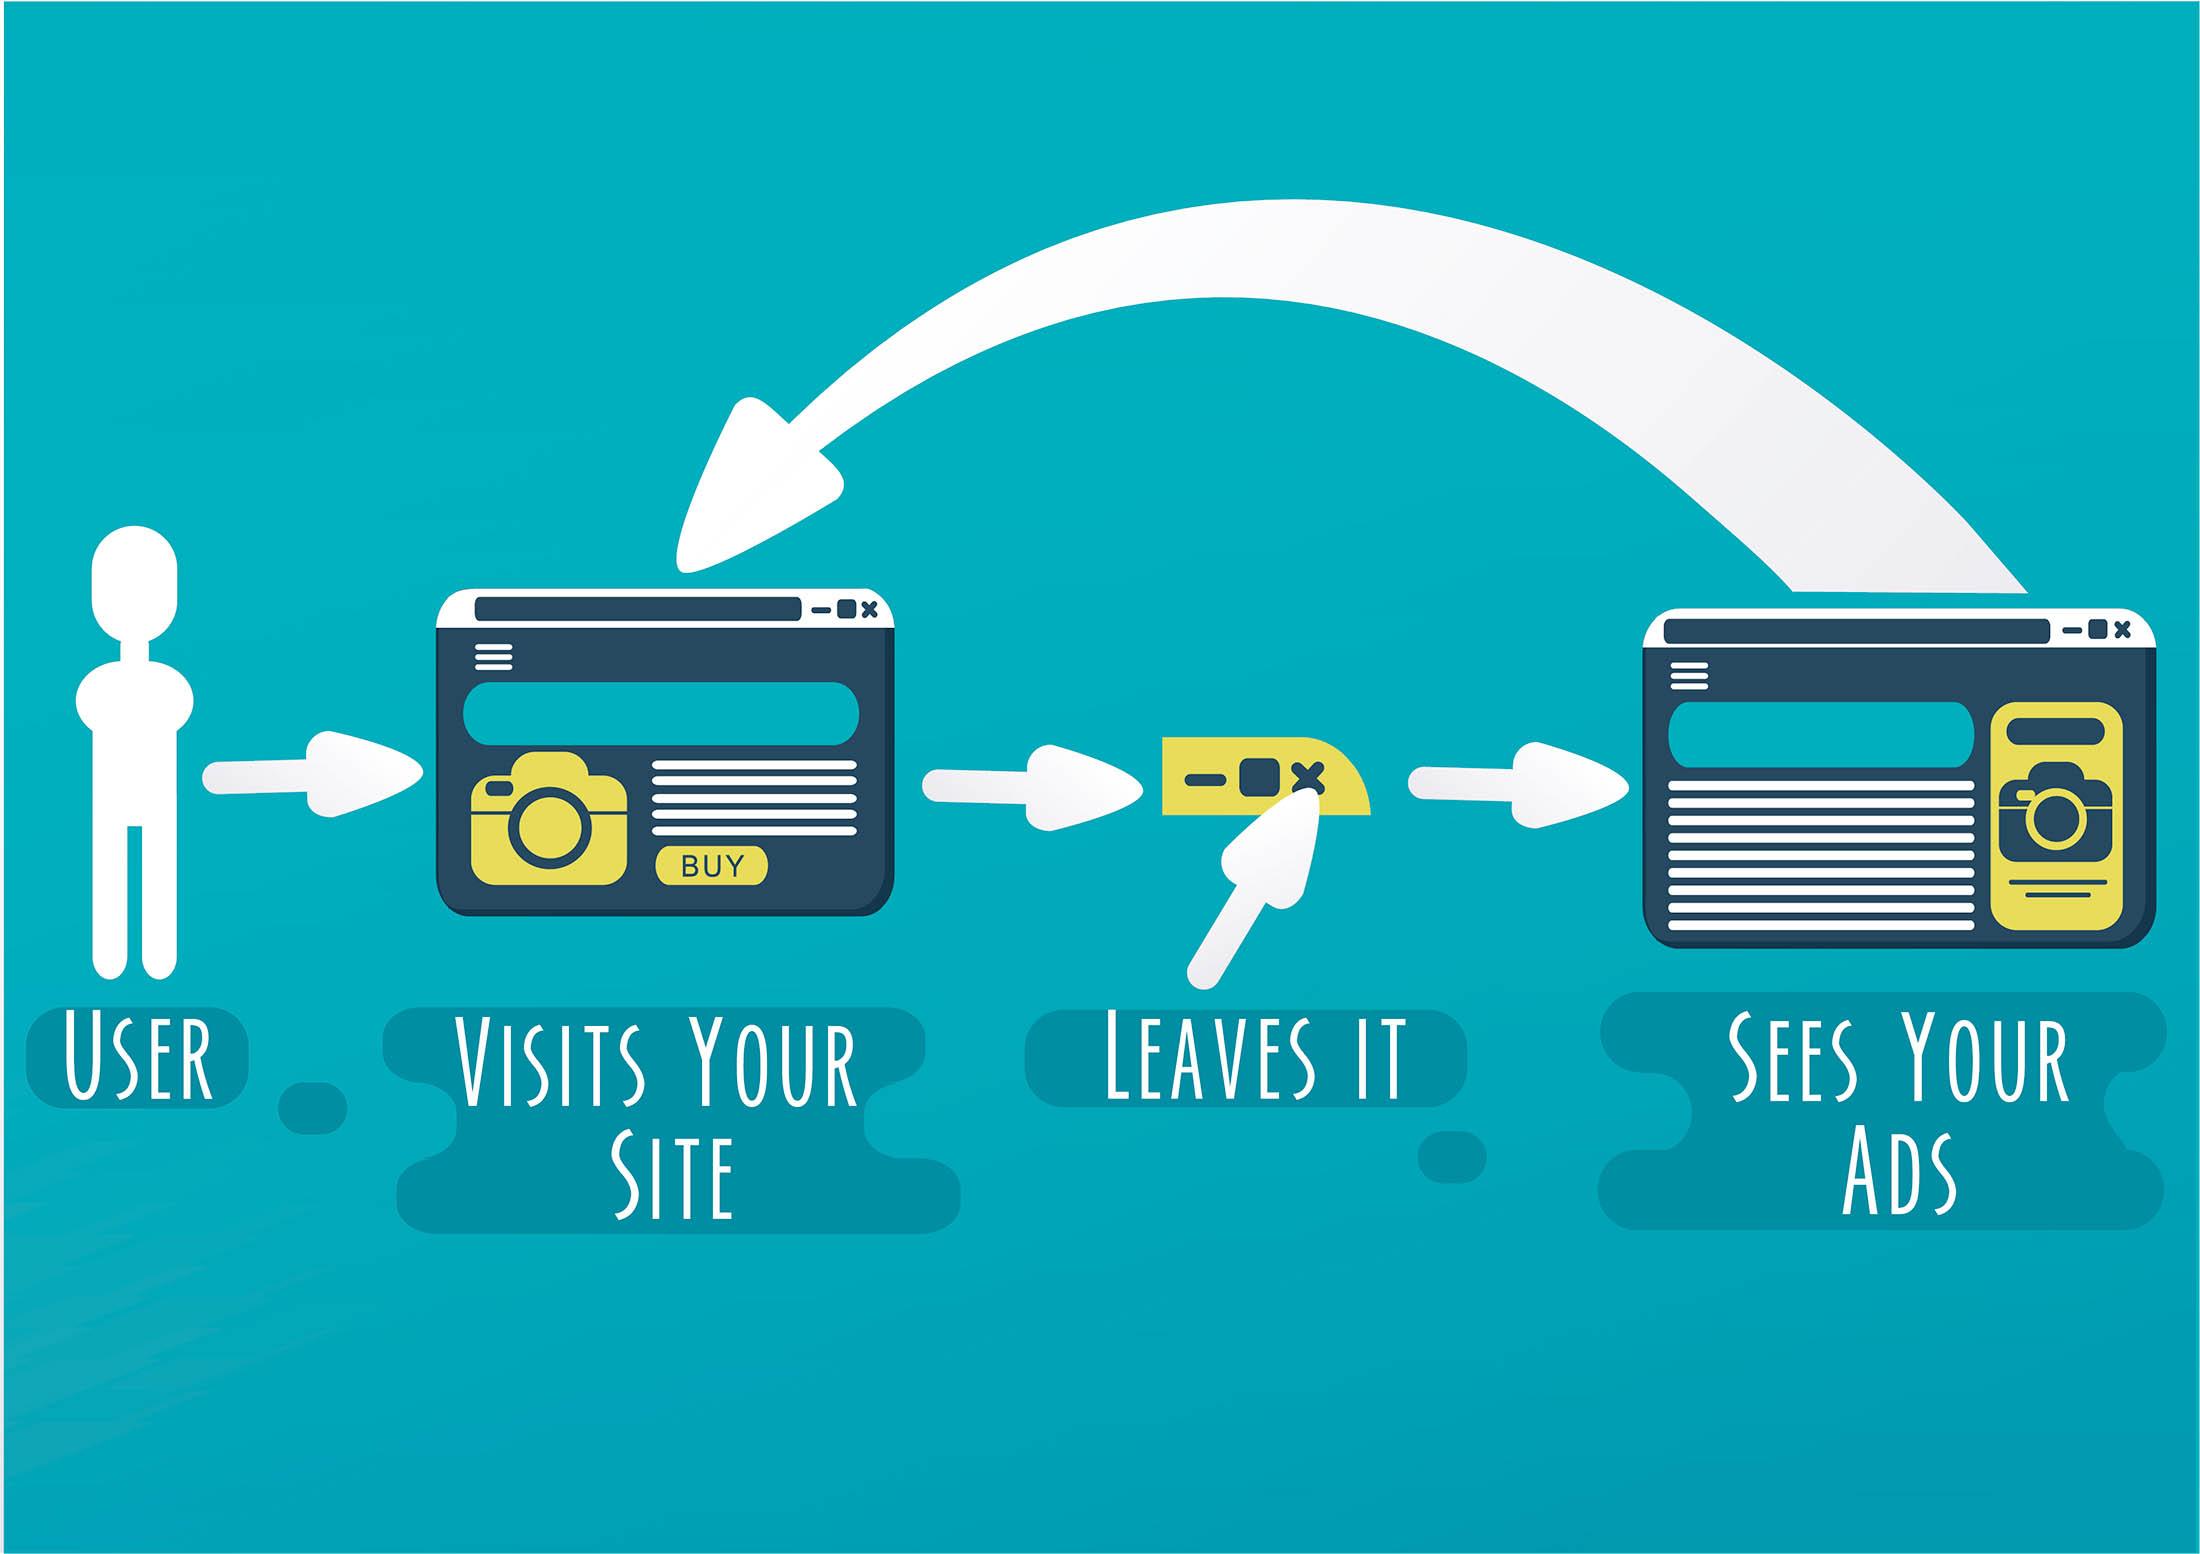 Remarketing prosess: Bruker besøker siden og forlater den. Bruker får opp annonse på andre siderog besøker igjen siden. Grafikk